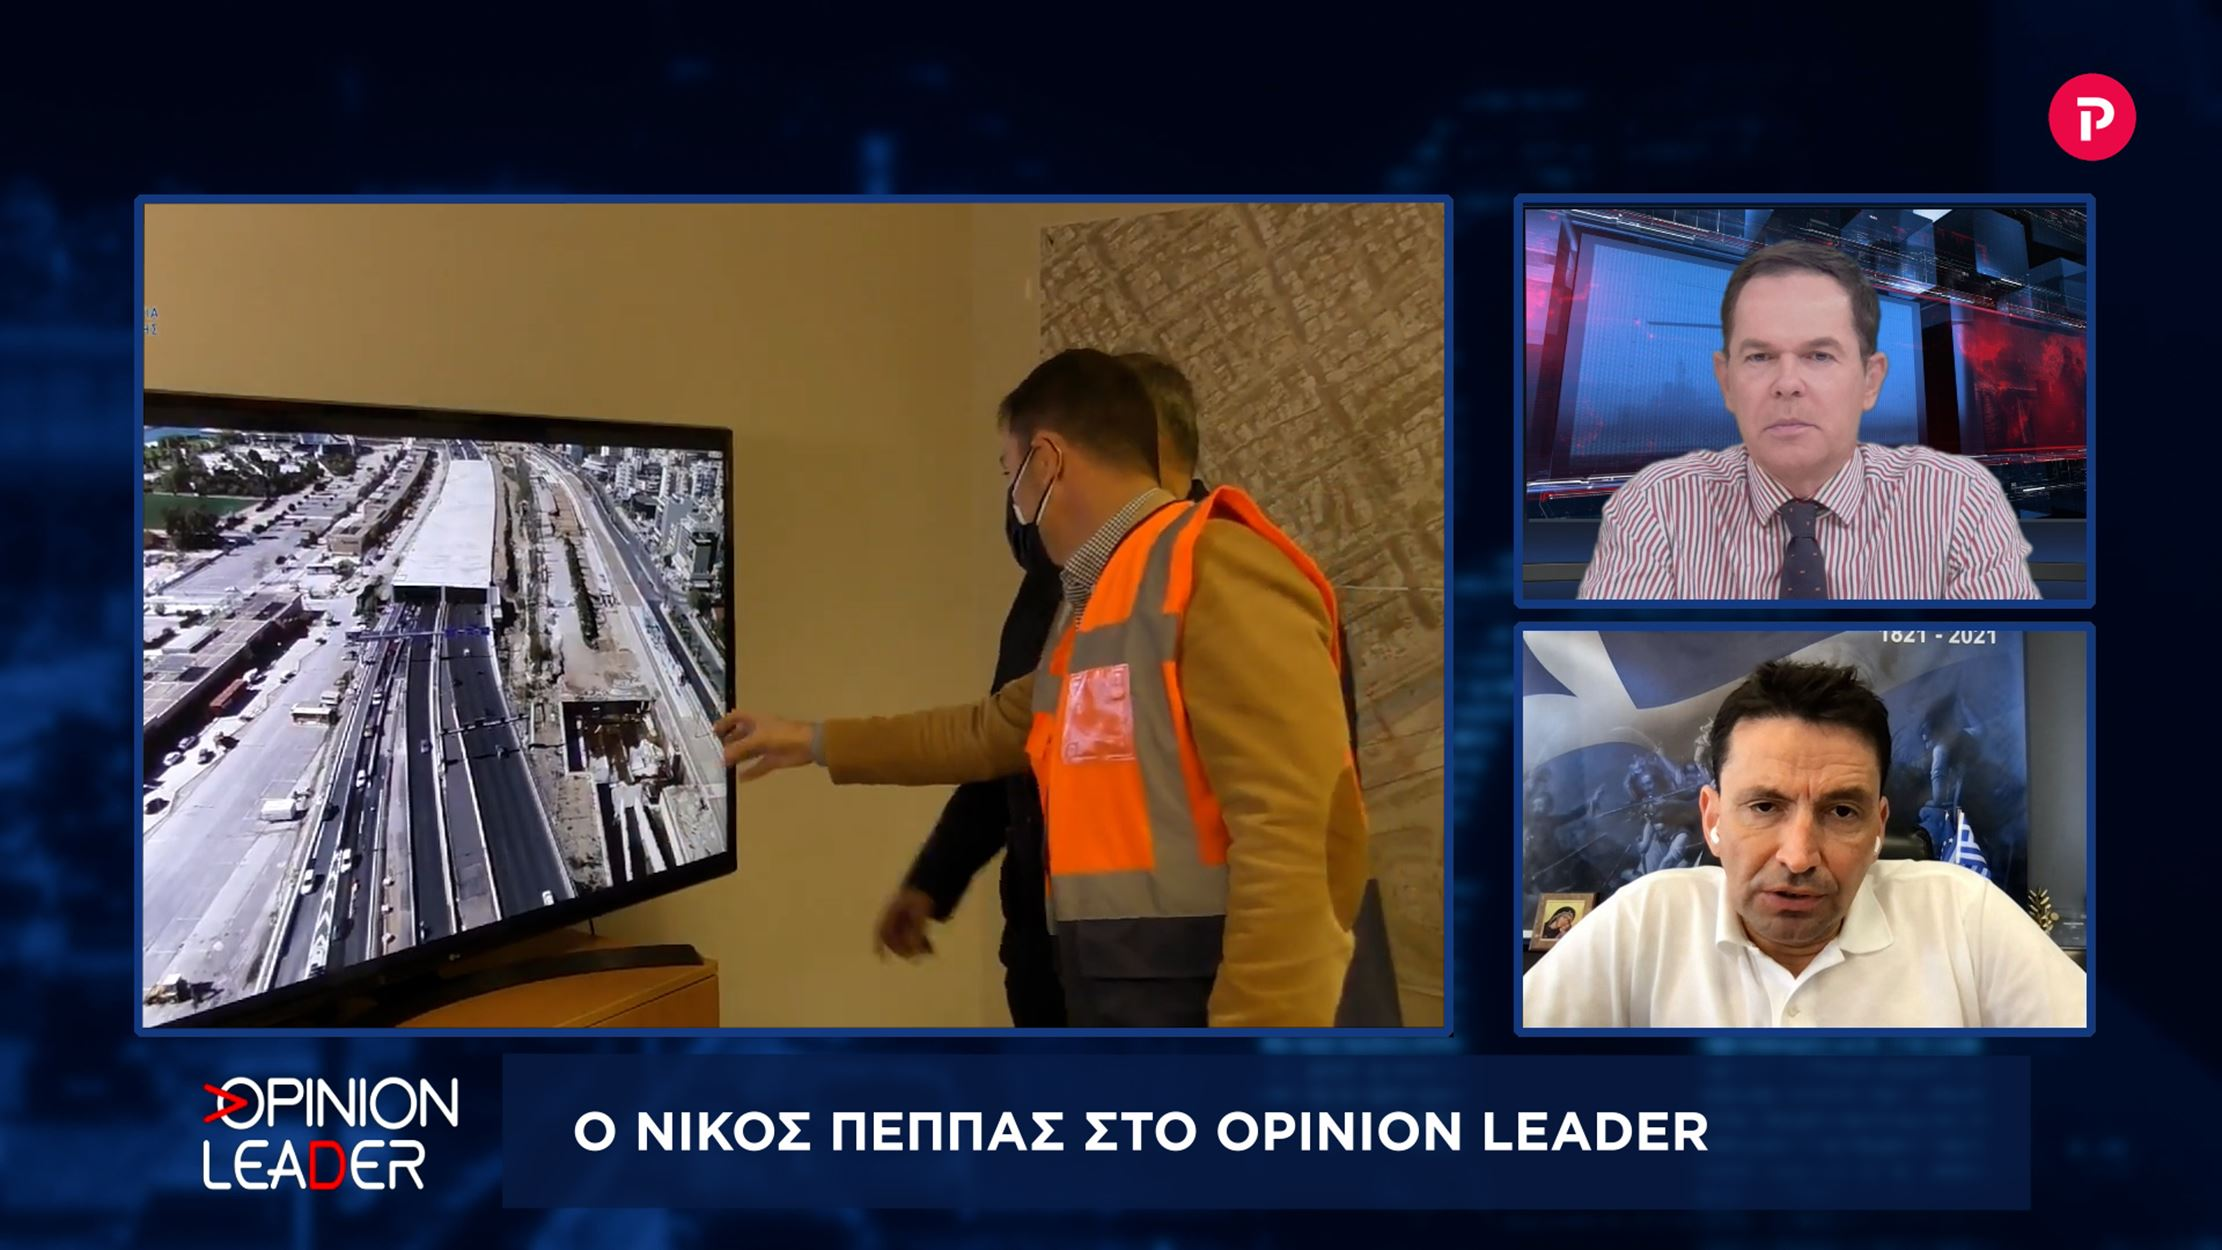 Νίκος Πέππας στο pagenews.gr